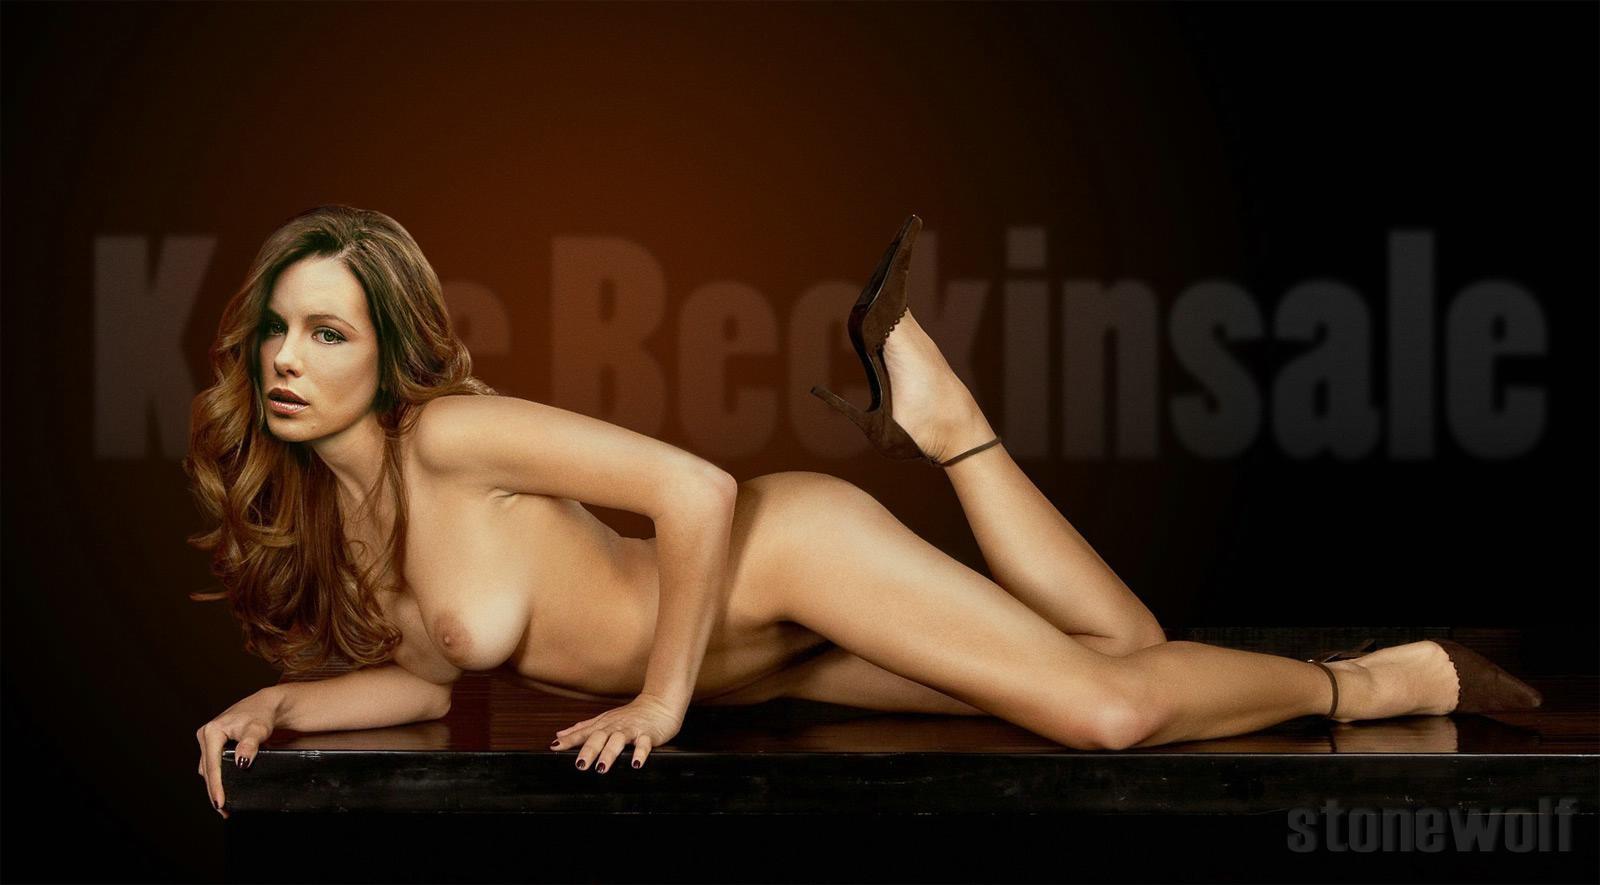 Sex nude kate beckinsale